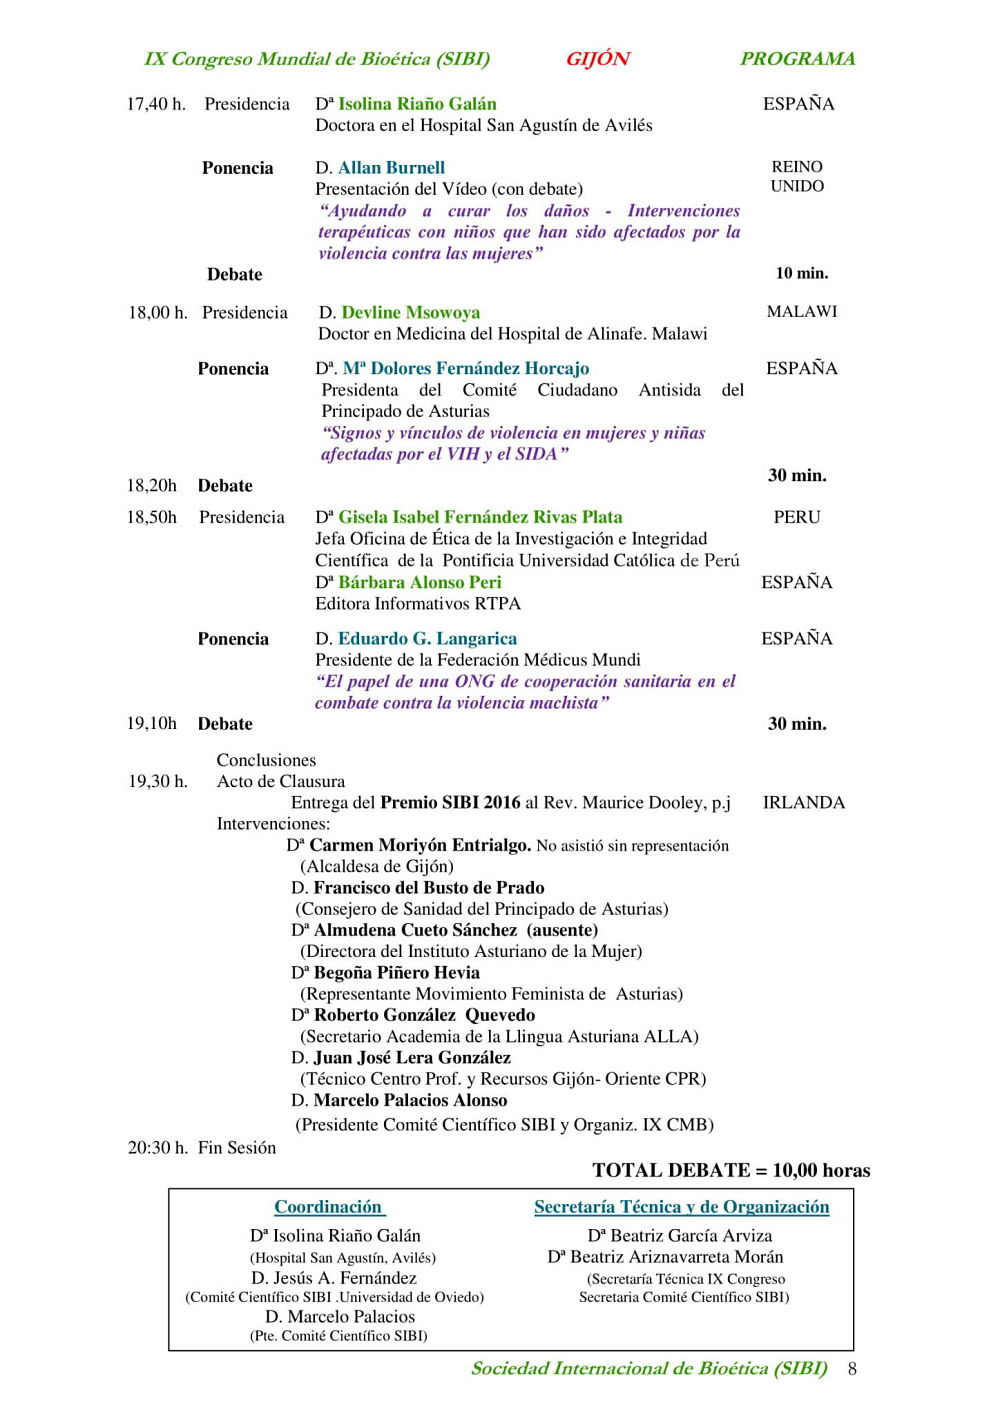 pagina octava del programa del congreso mundial de bioetica gijon